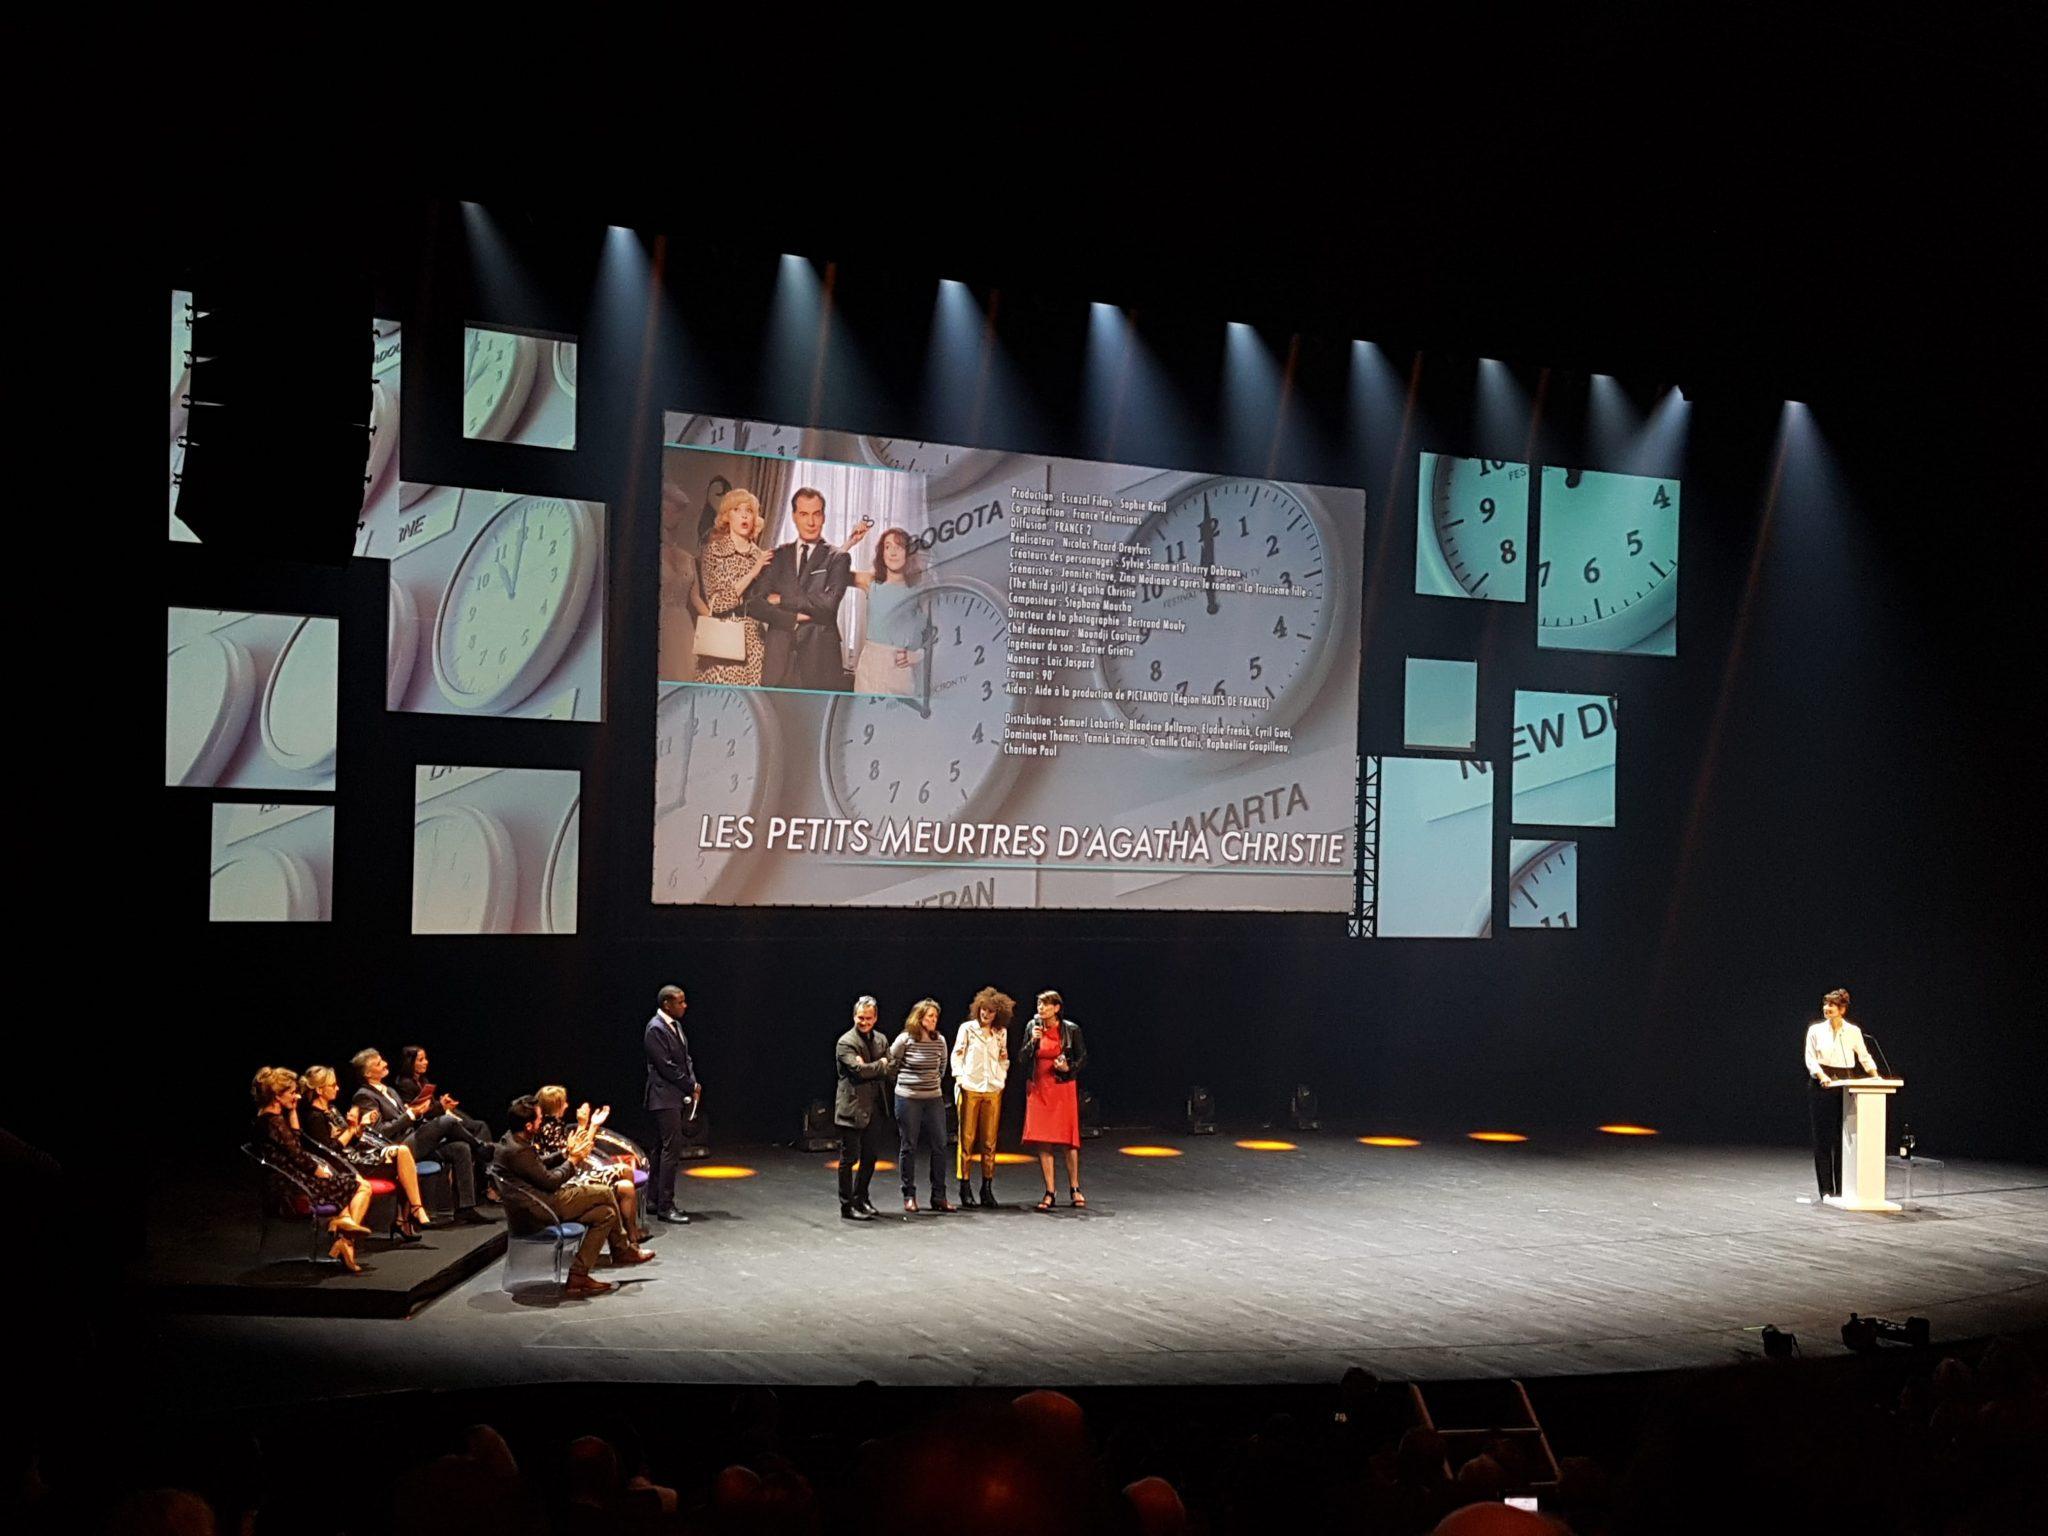 festival de la fiction tv de la rochelle 2017 image Les Petits Meurtres d'Agatha Christie